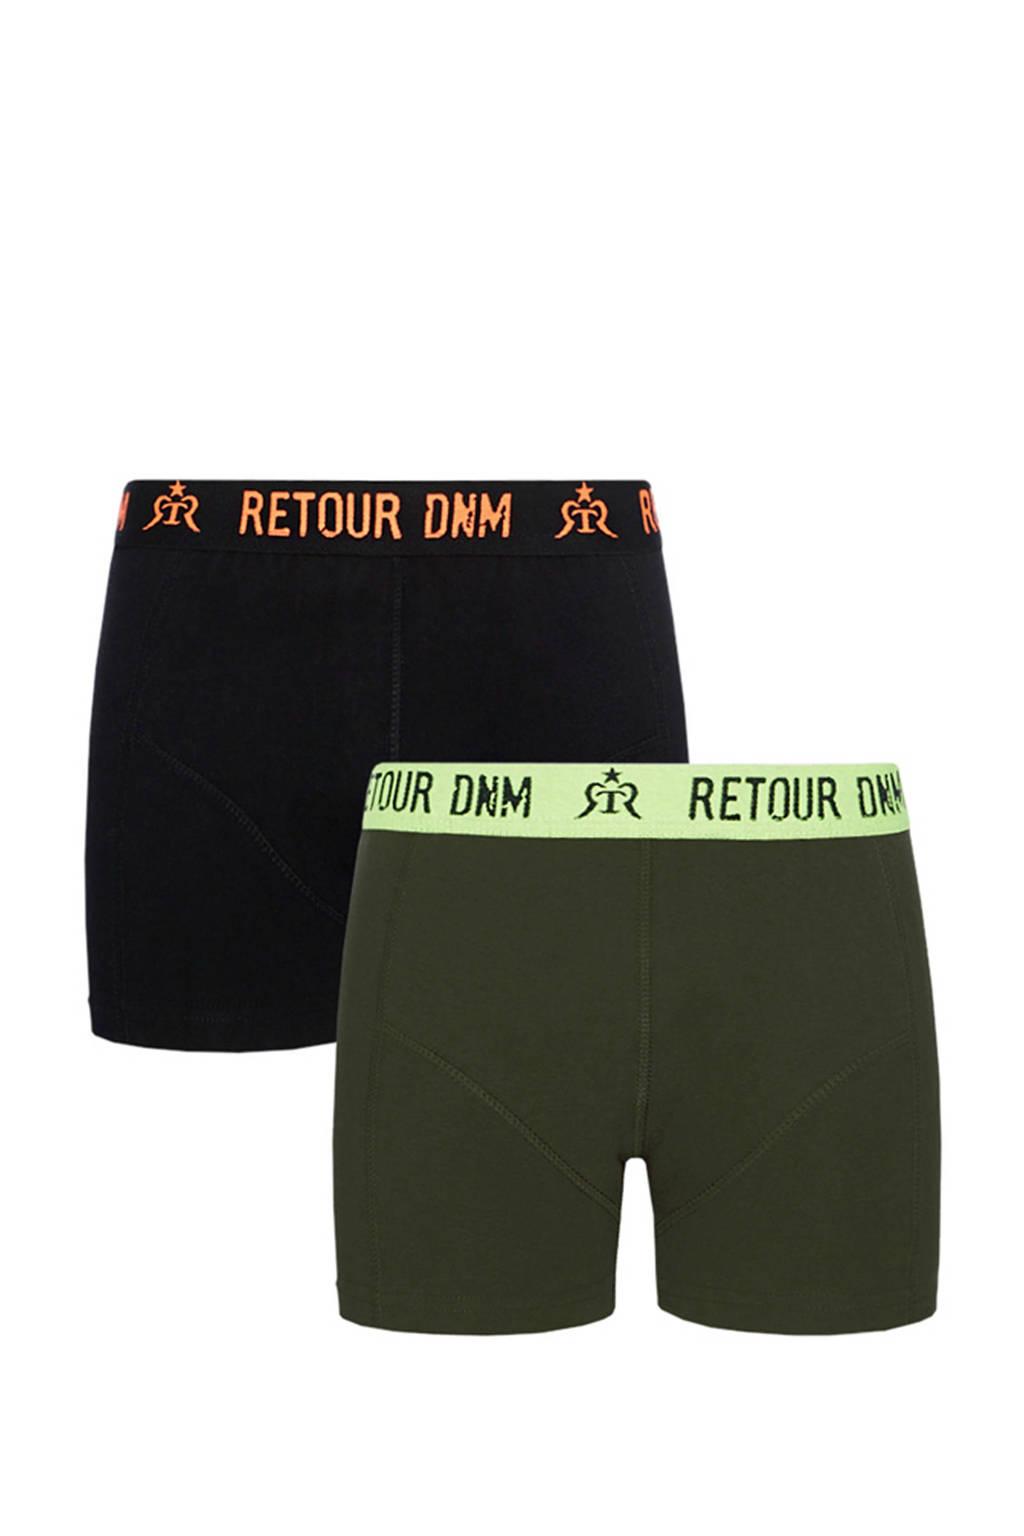 Retour Denim   boxershort - set van 2- Giano zwart, Zwart/Army